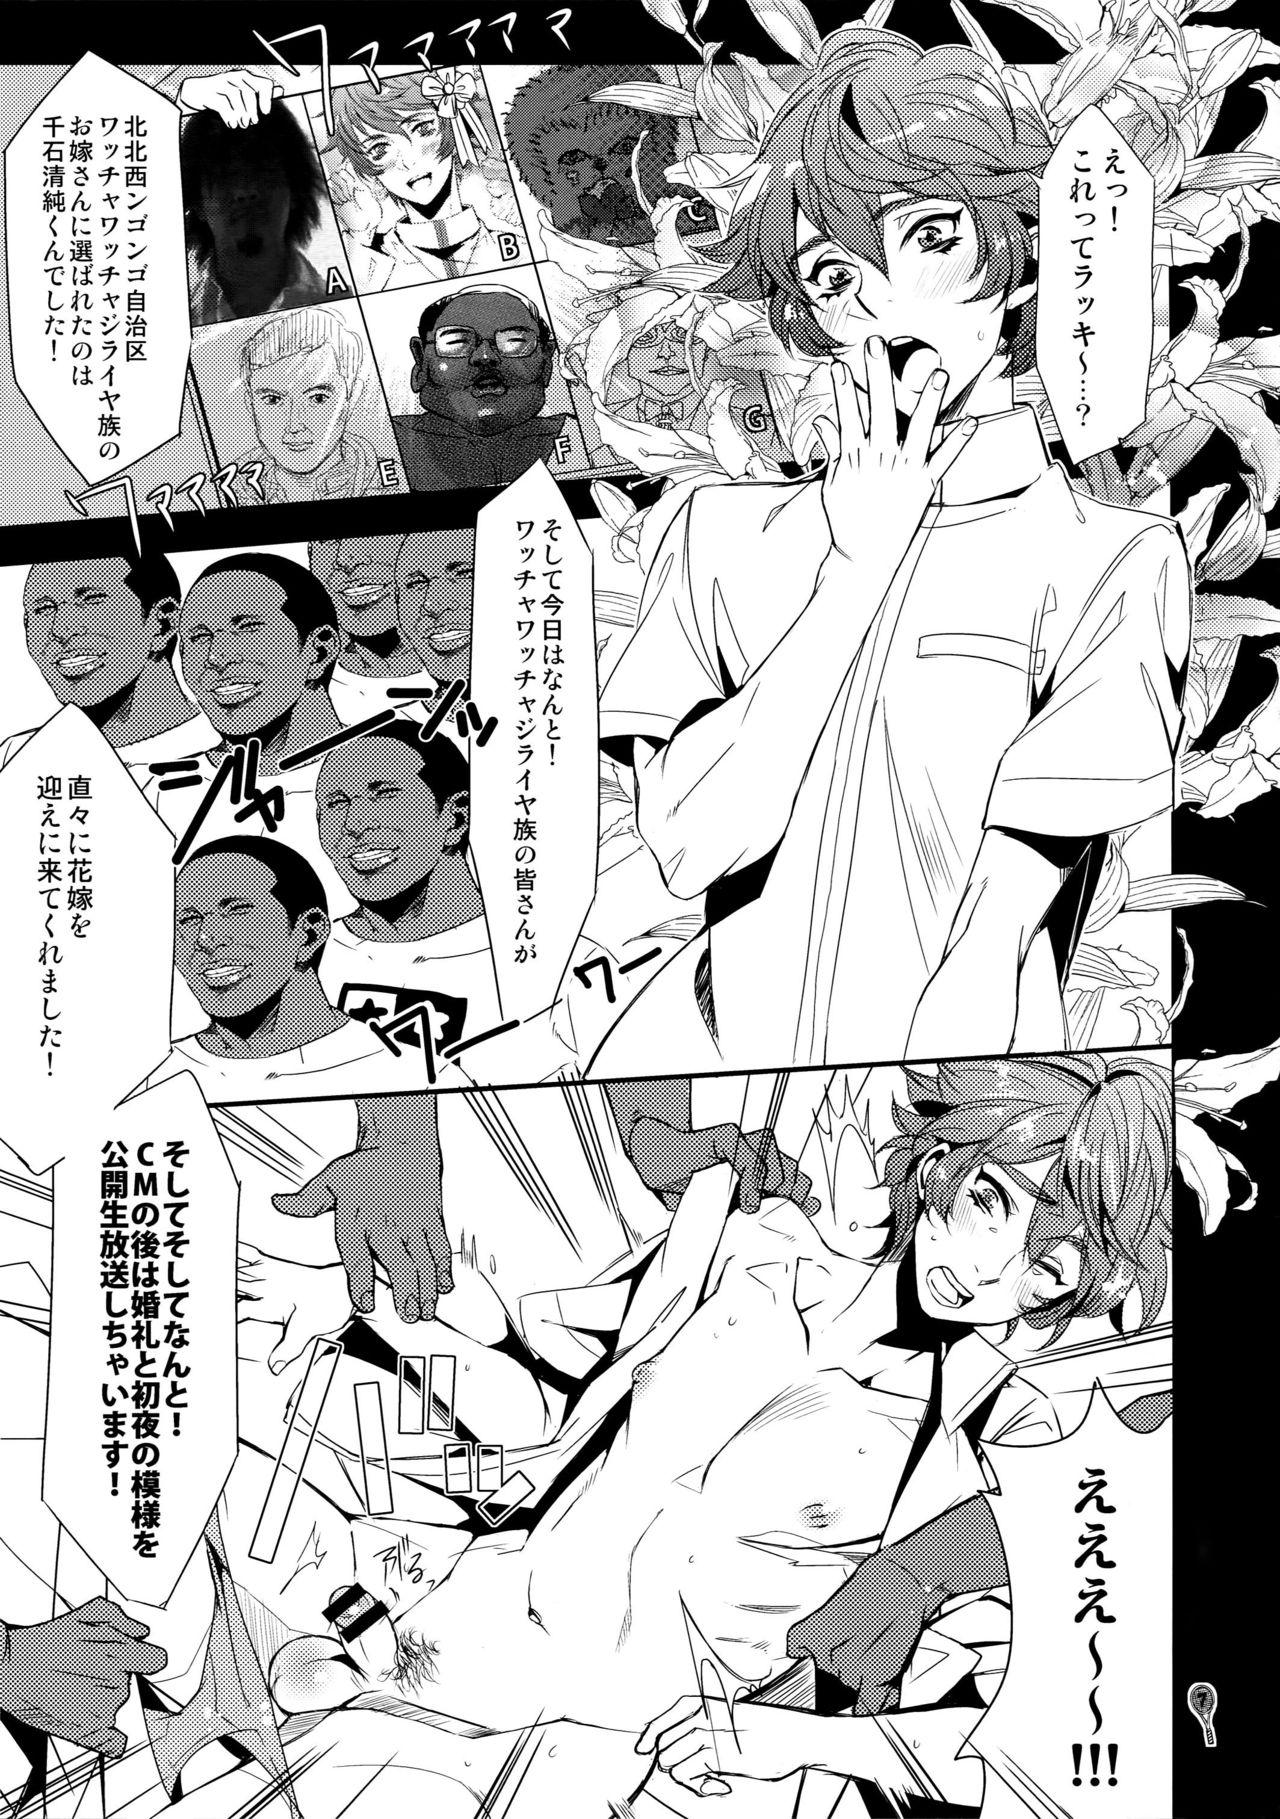 Orecchi Sekai Oyome-san 5